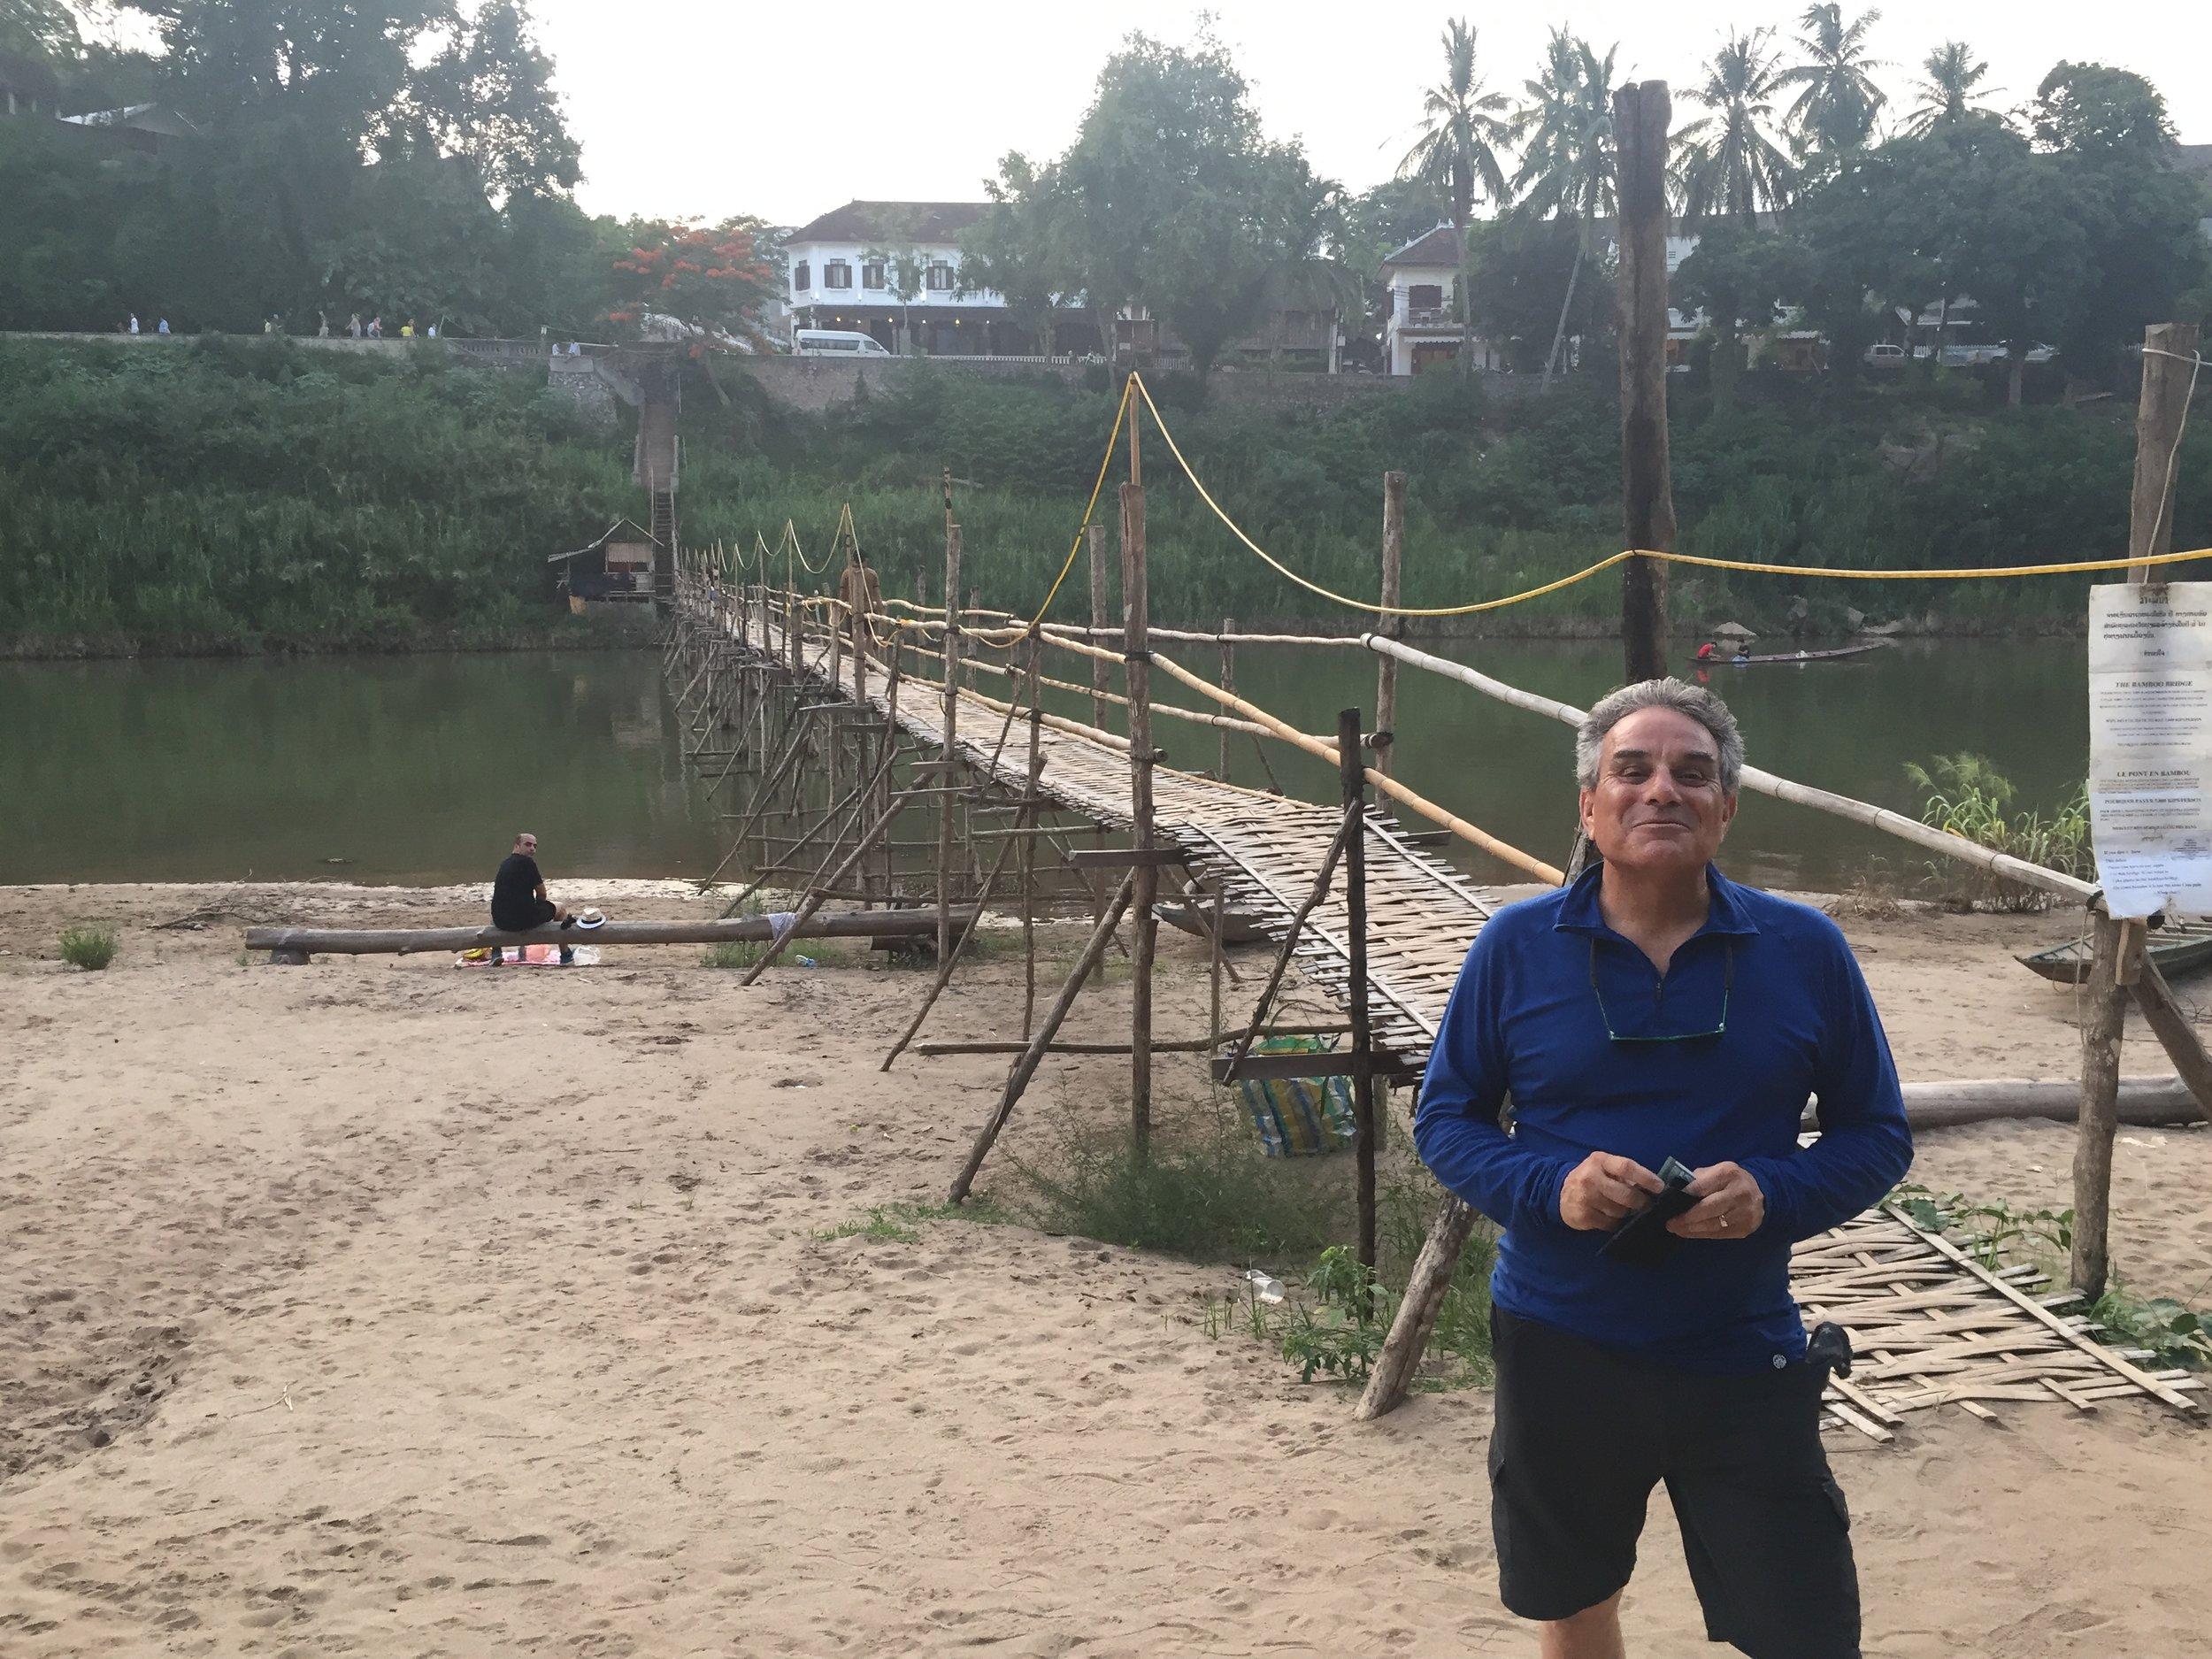 The walking bamboo bridge